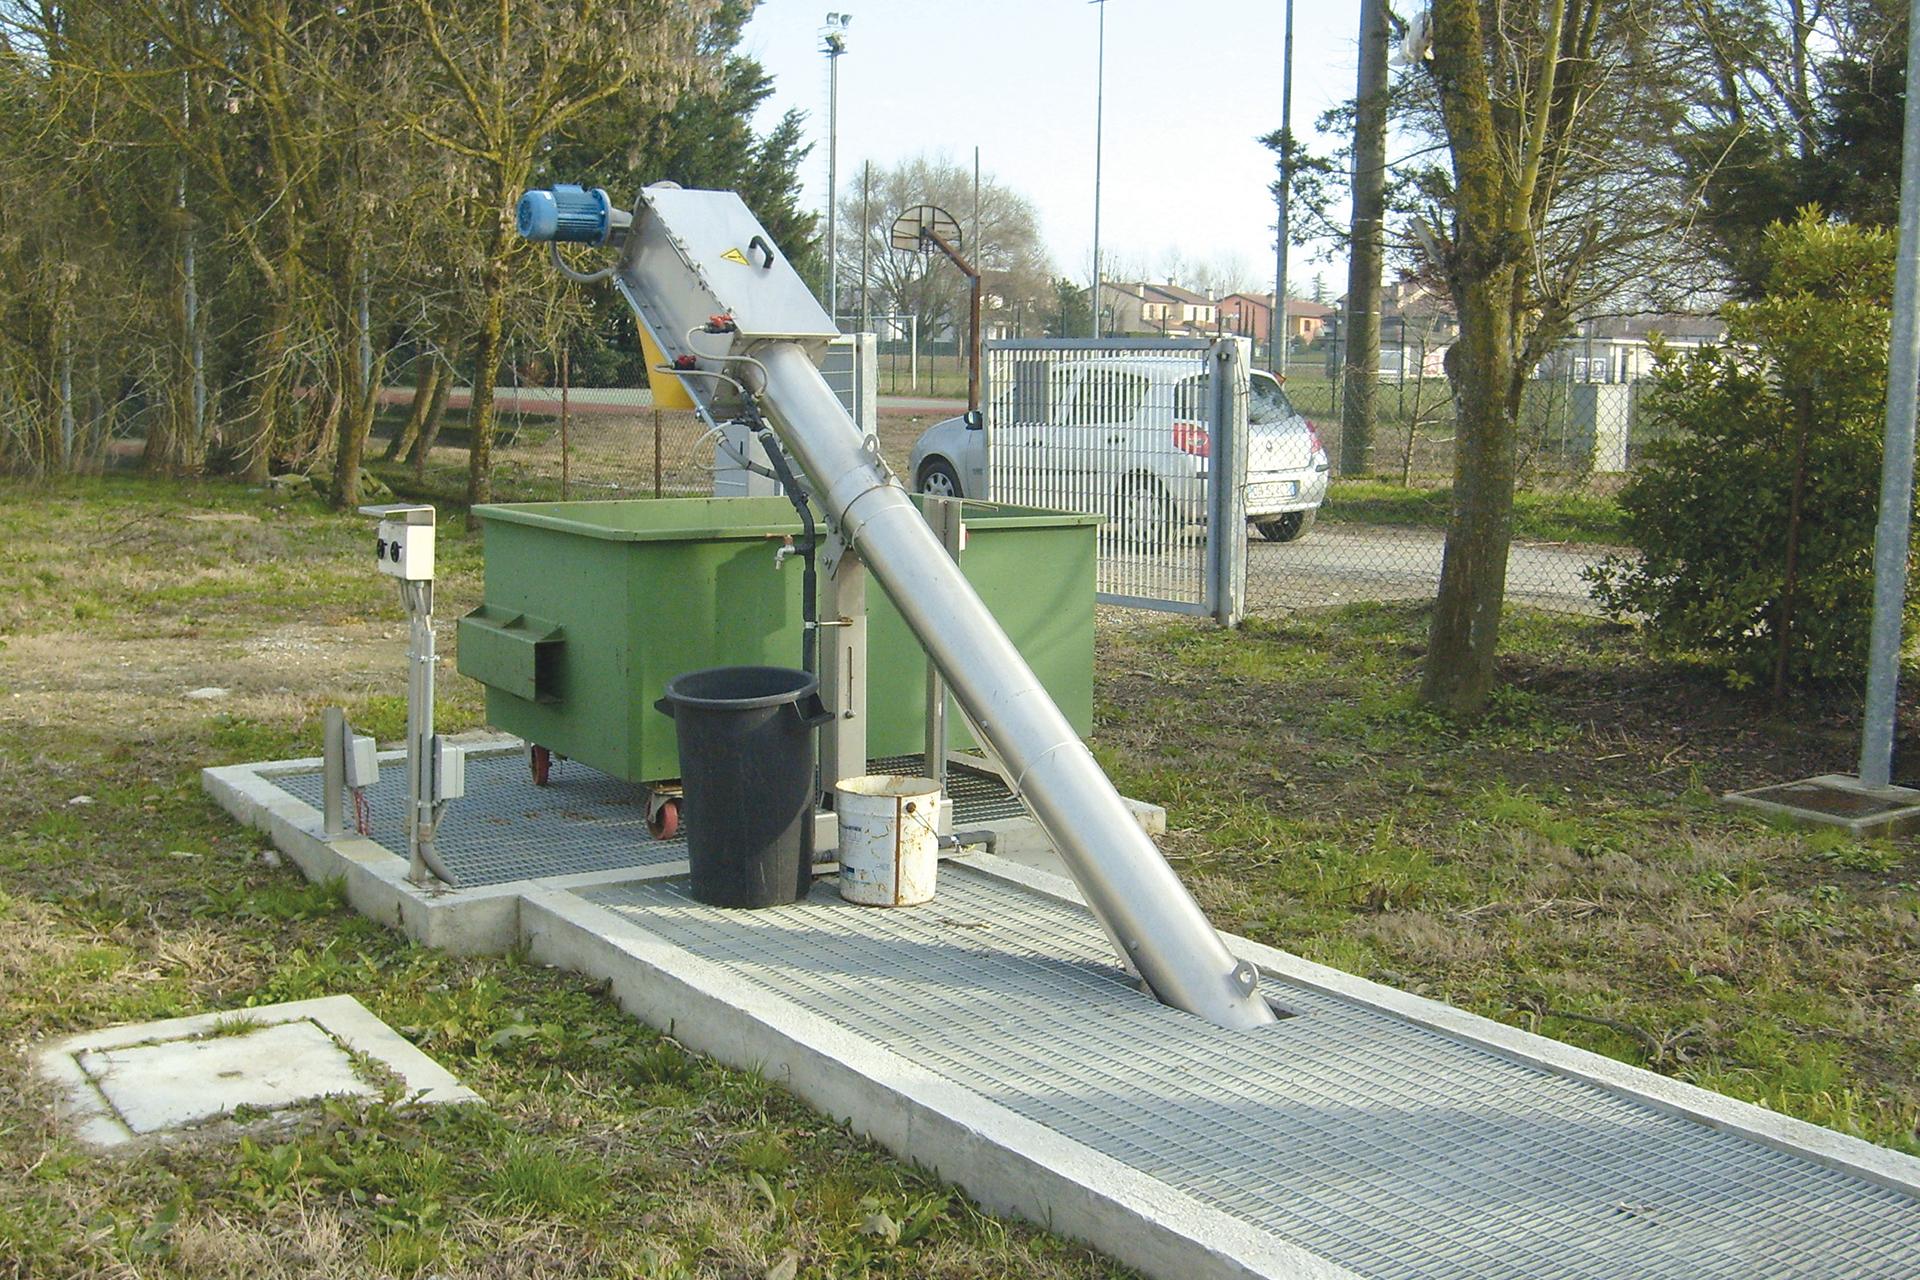 Foire Fouille Salon De Jardin Beau Flitech S R L Helicoid Flighting Helicoid Screw Of 40 Beau Foire Fouille Salon De Jardin